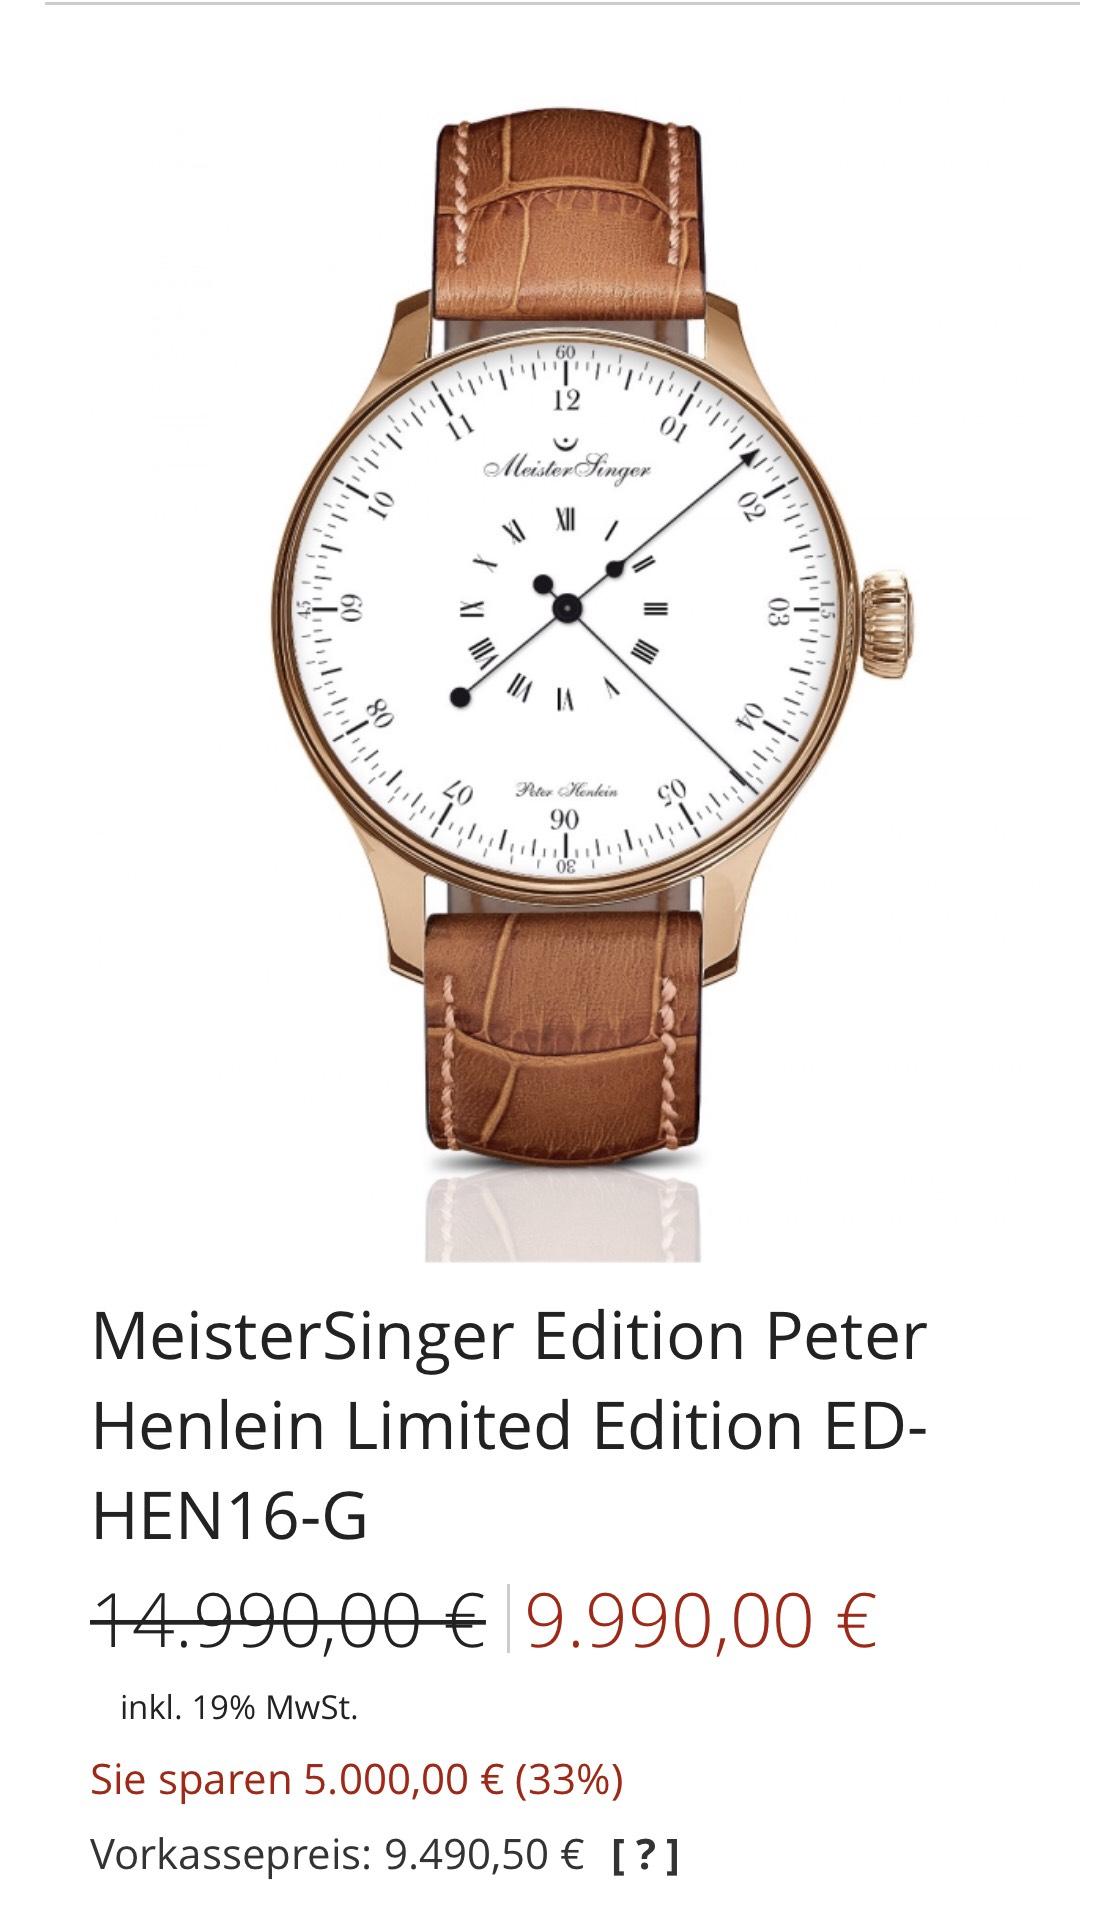 MeisterSinger Edition Peter Henlein Limited Edition ED-HEN16-G Herrenuhr